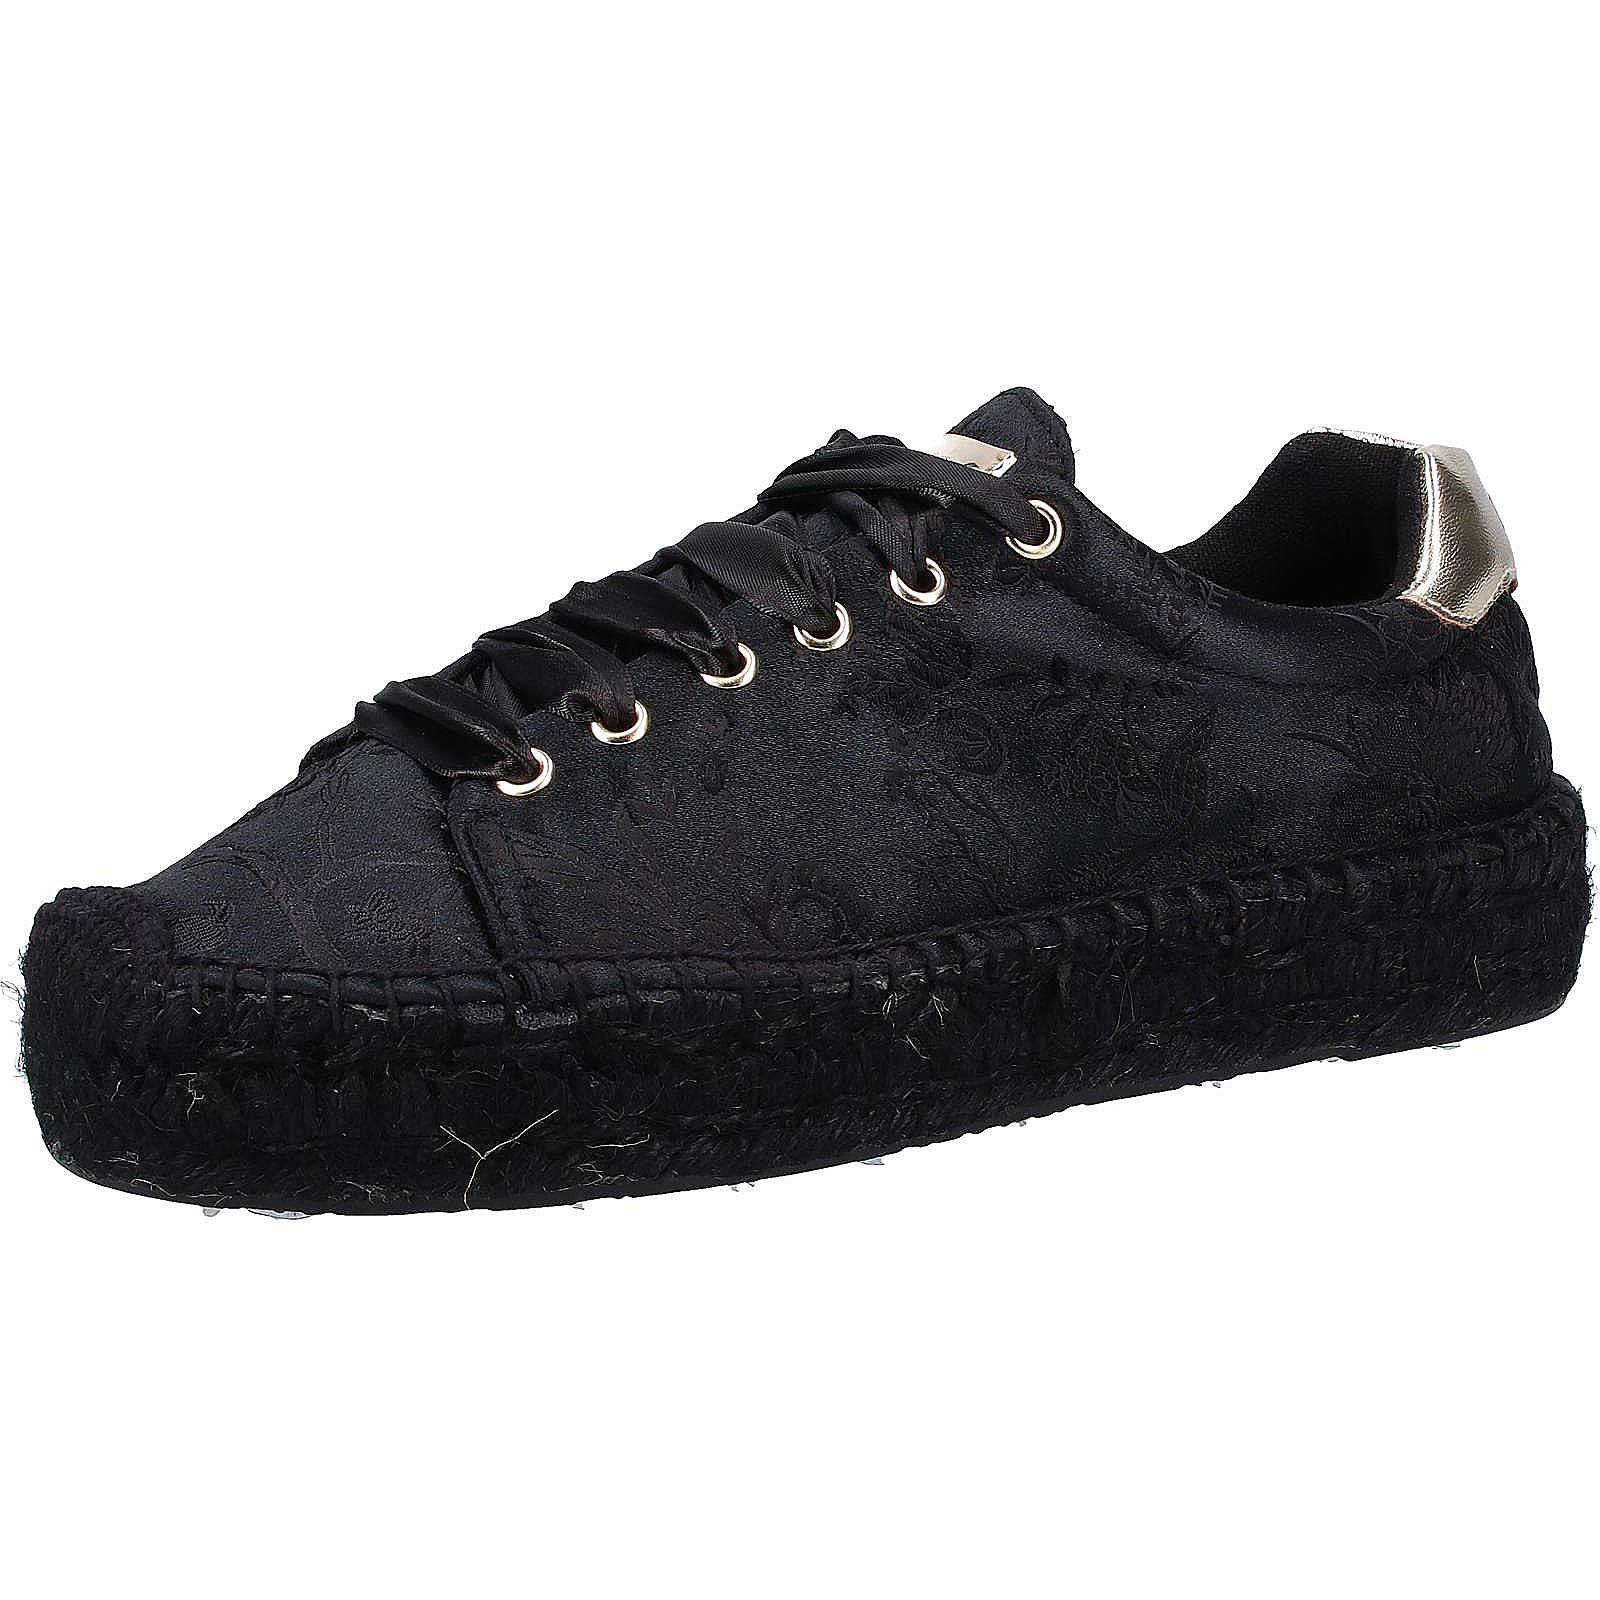 REPLAY Halbschuhe Sneakers Low schwarz Damen Gr. 37